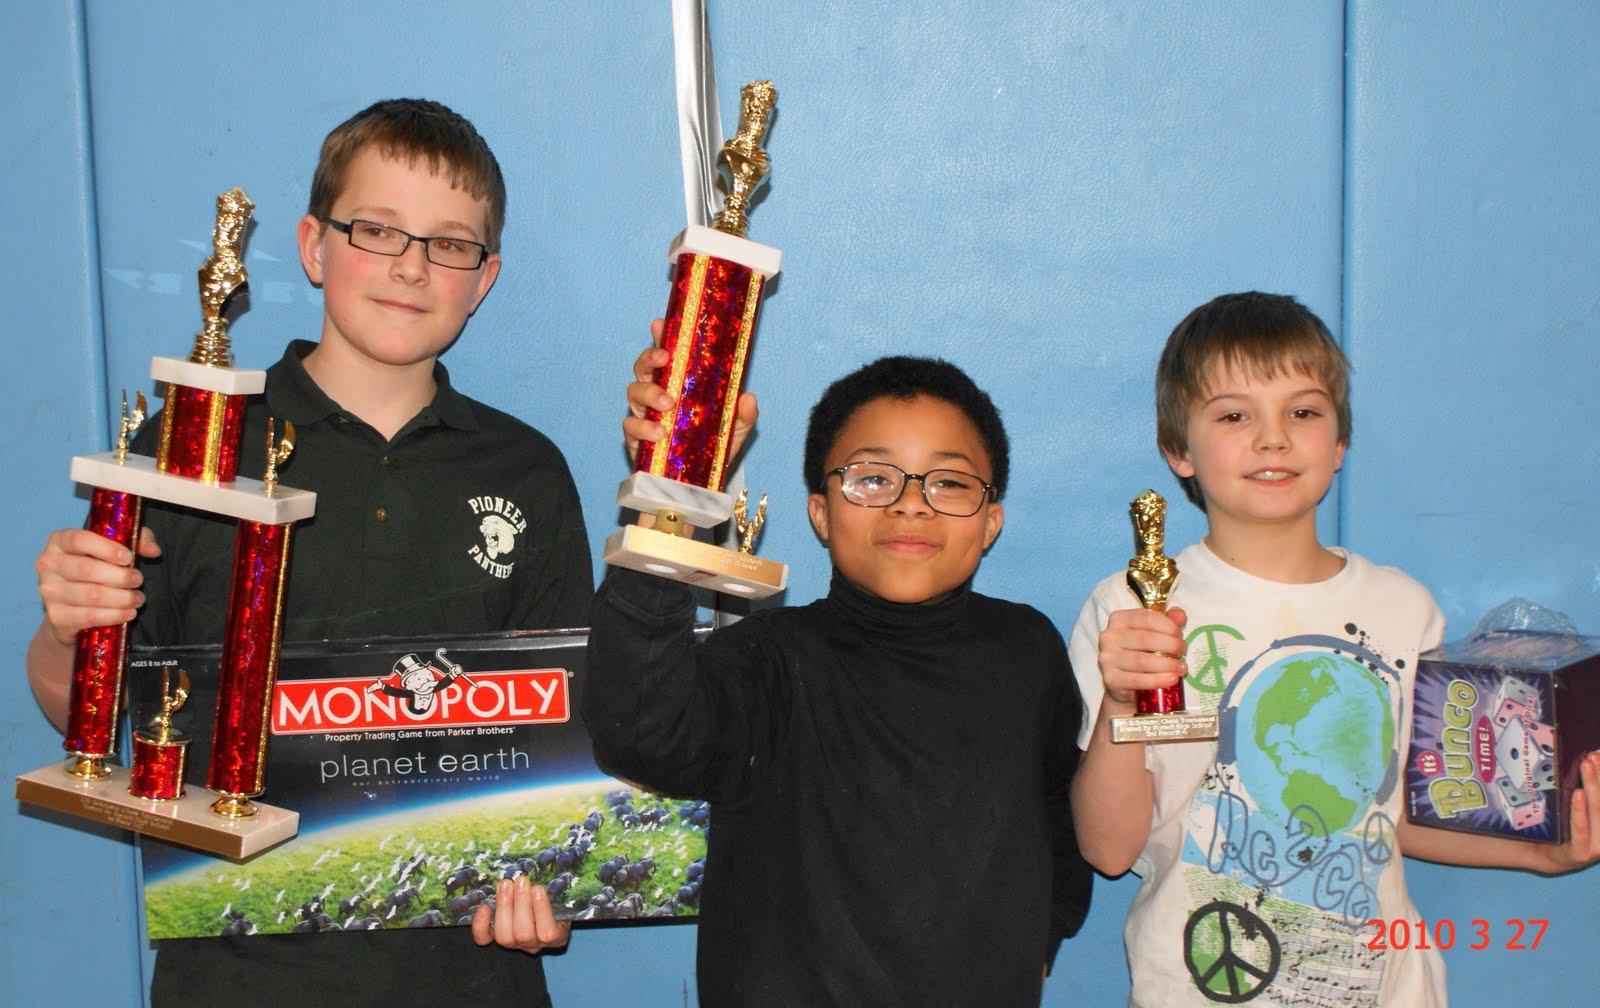 http://1.bp.blogspot.com/_O0mkaJL-Mpo/S7IHMyW9KdI/AAAAAAAAFSU/FBIufErwWHk/s1600/k+-+6+winners.JPG